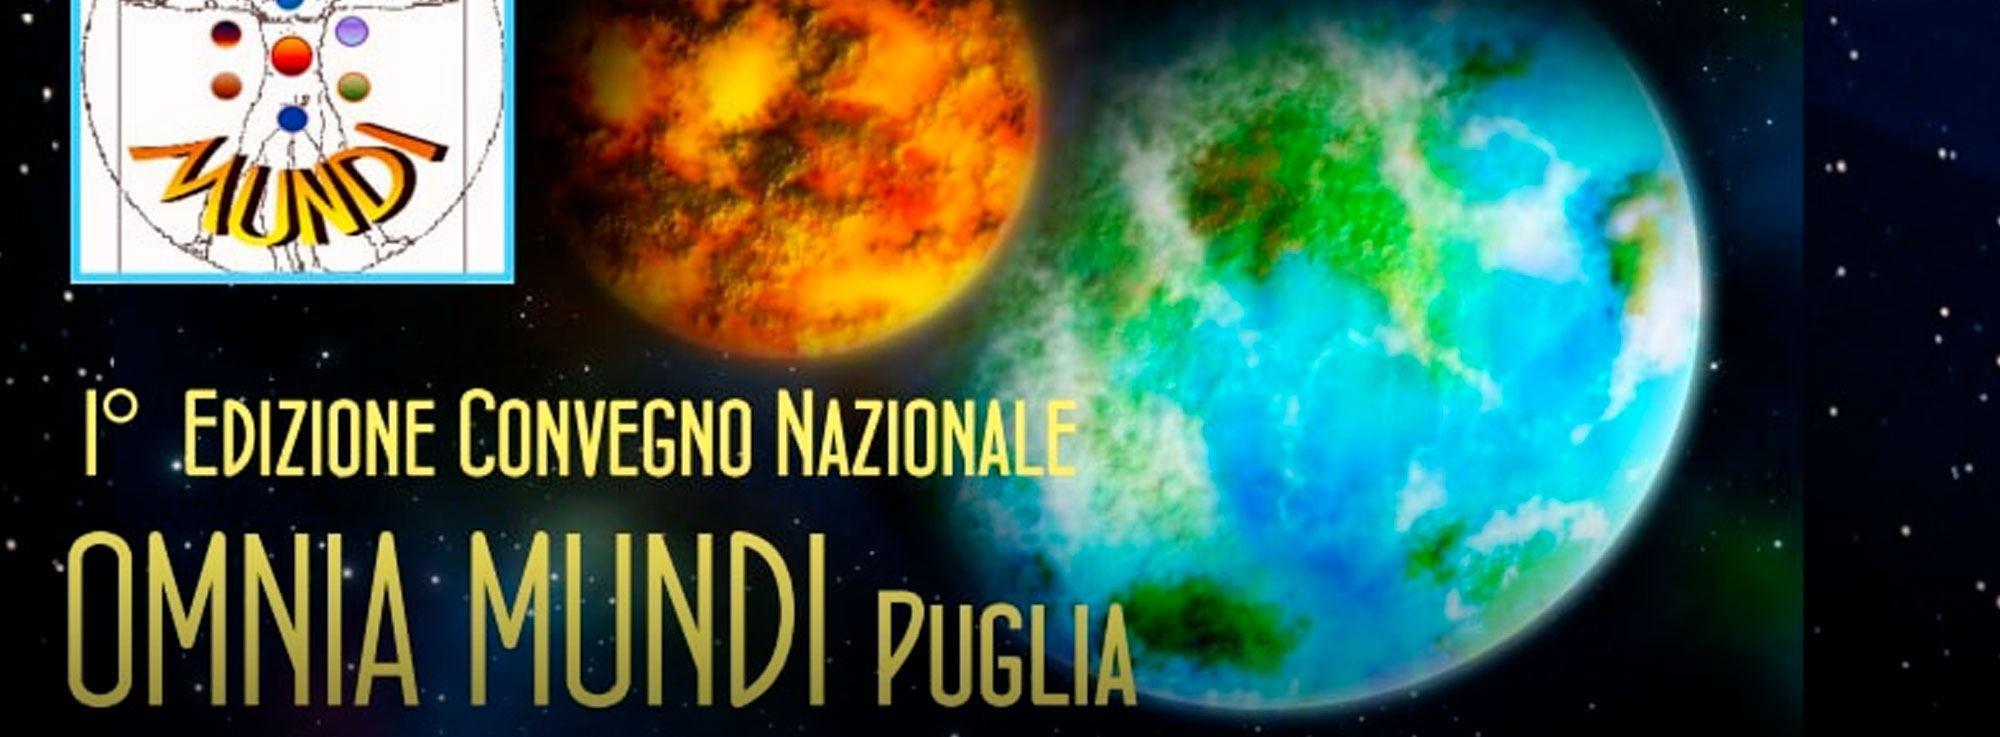 Cisternino: Convegno nazionale Omnia Mundi Puglia